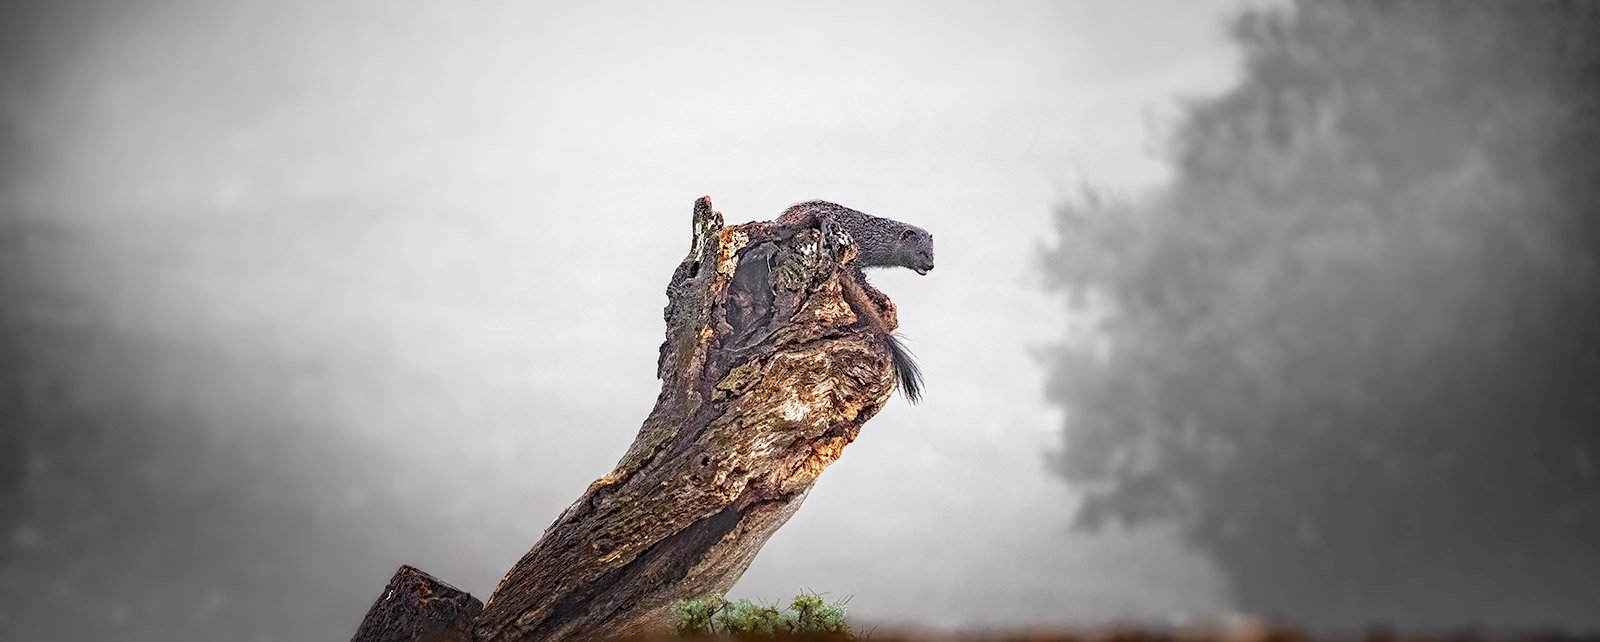 manguster klarter i et træ Flyvende Rød glente i Sierra Morena